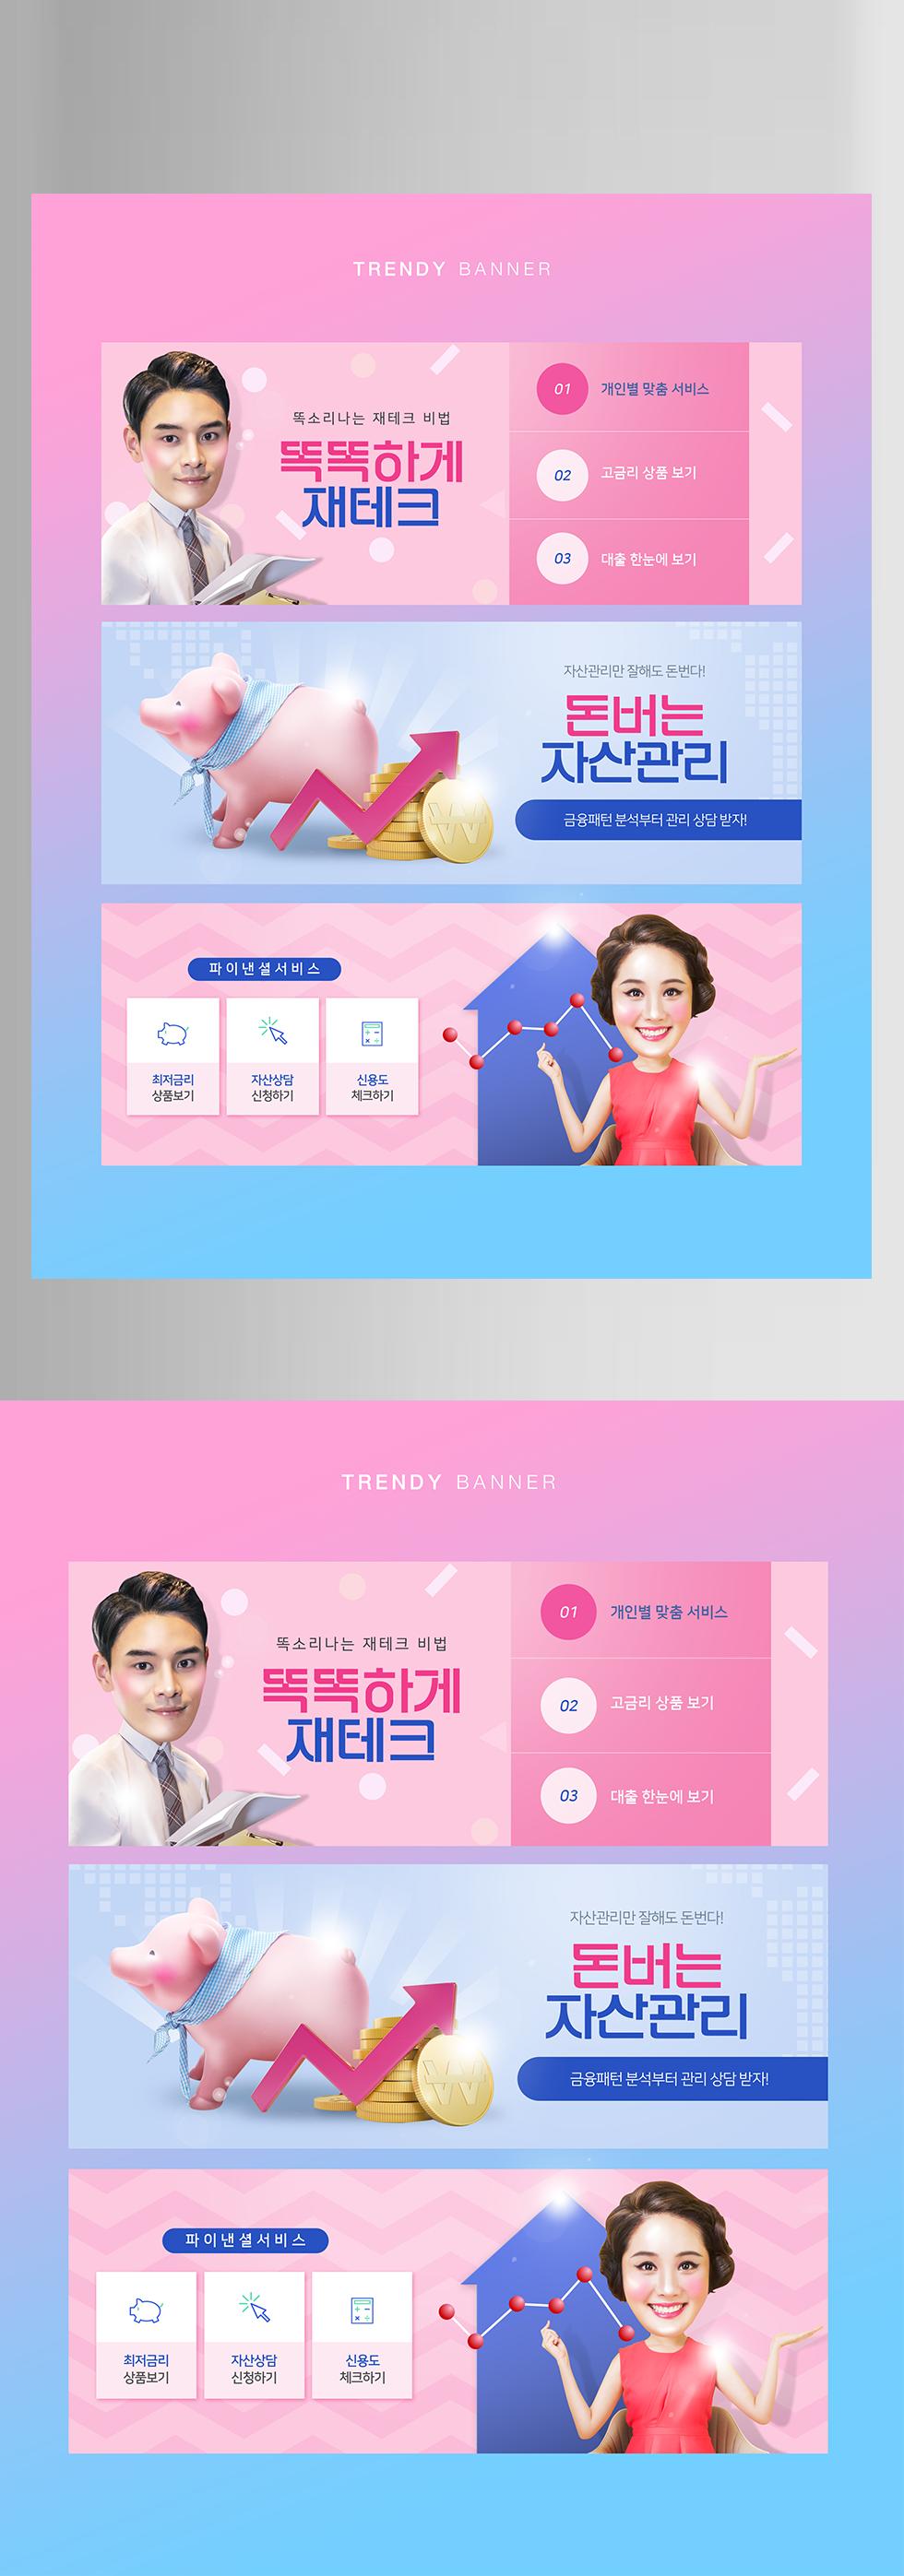 金融财务银行理财产品宣传广告图banner海报PSD设计素材模板(11)